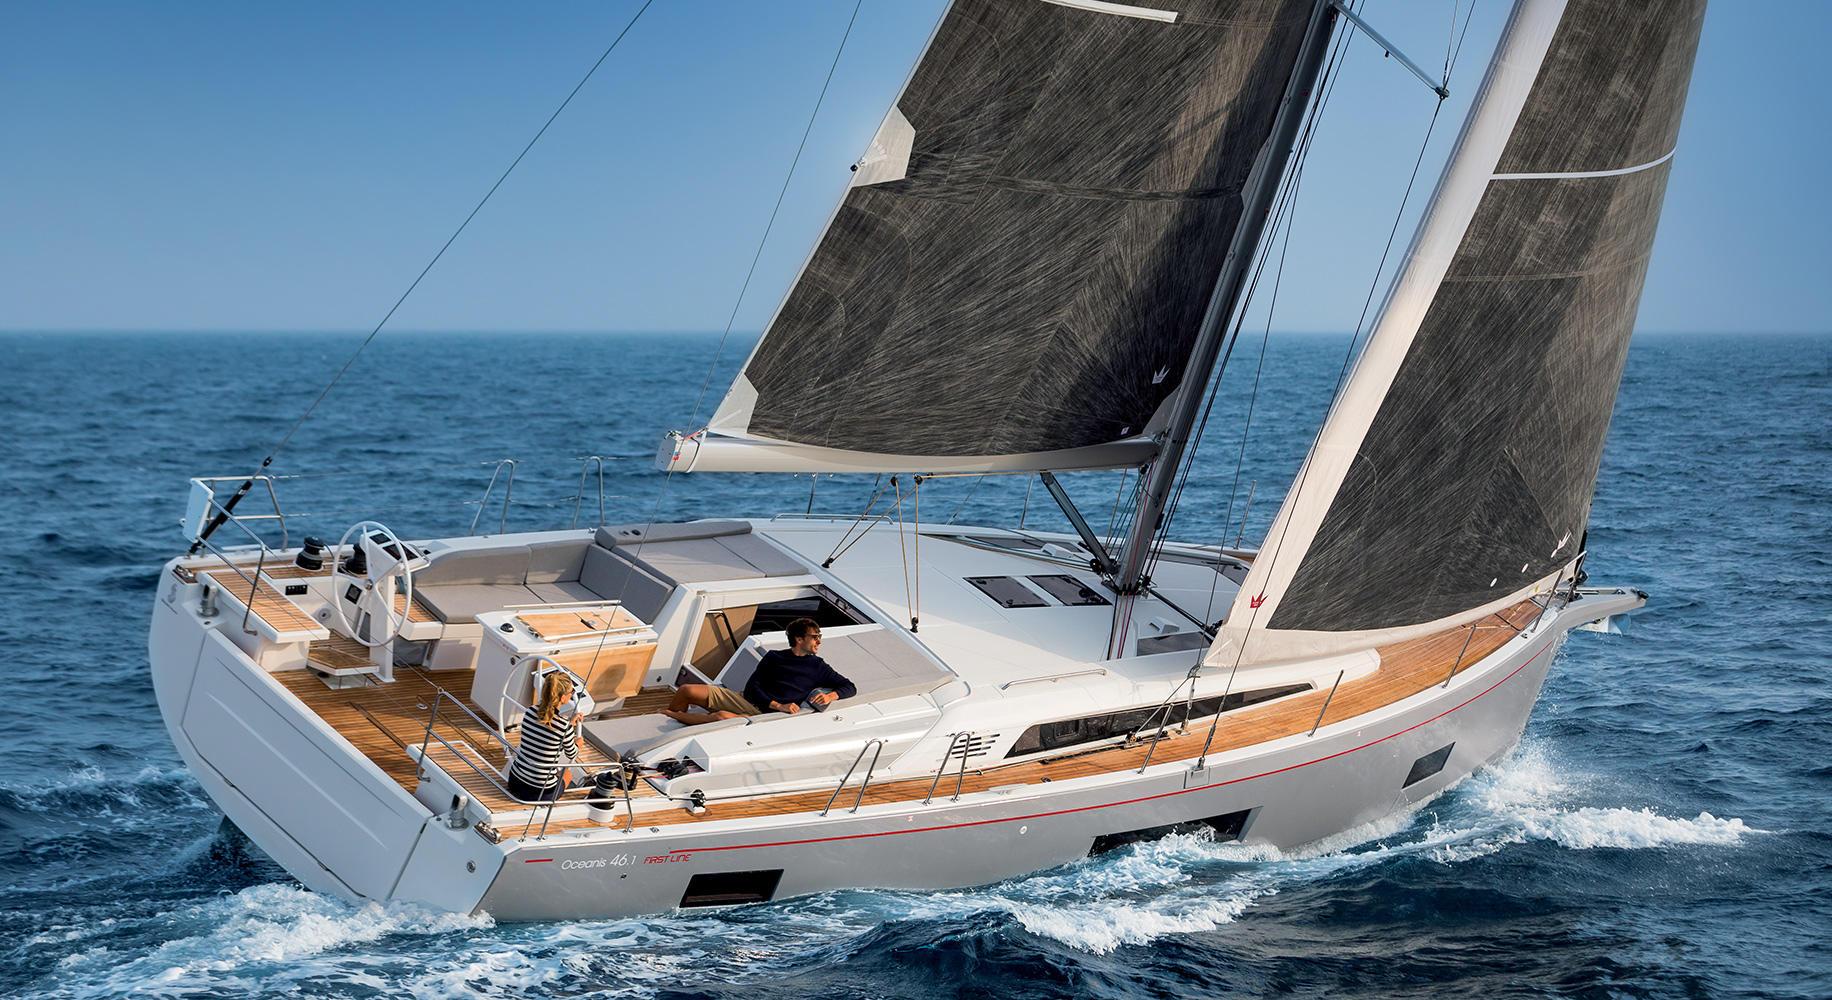 Oceanis 46.1 Prestige (5Cab) - Sailing Yacht- Oceanis 46.1 (5Cab)